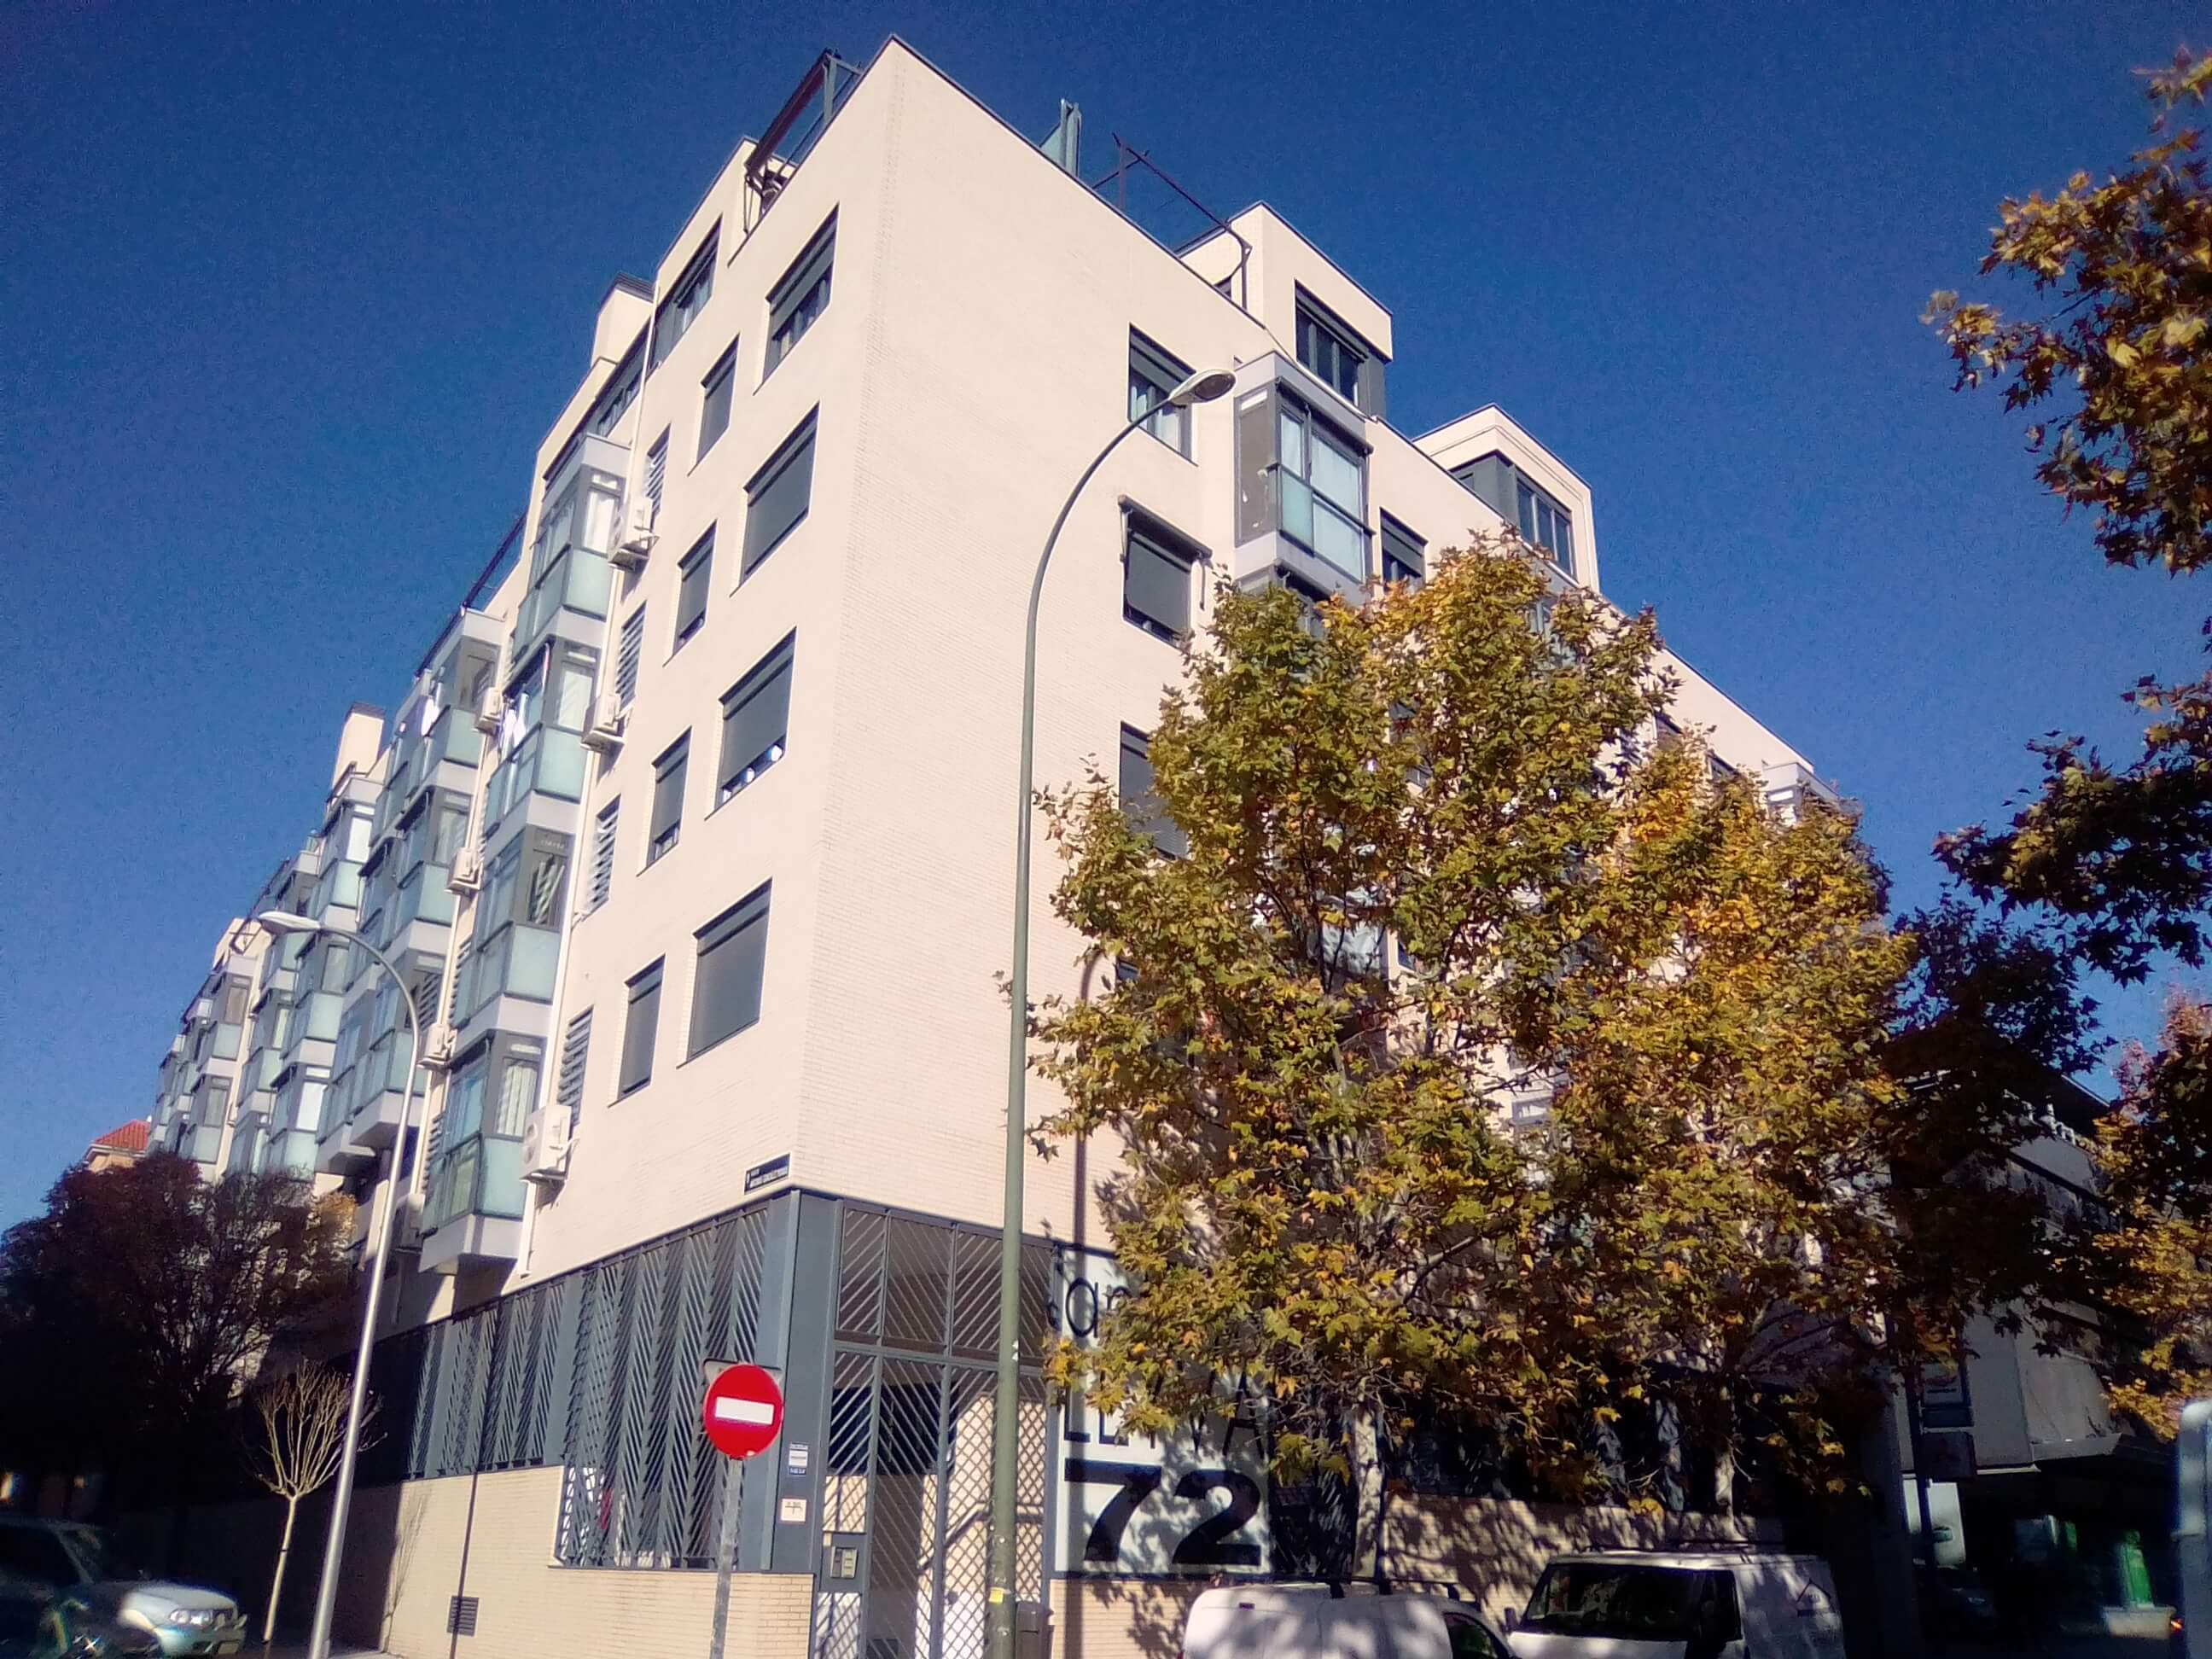 Madrid Bloque 1